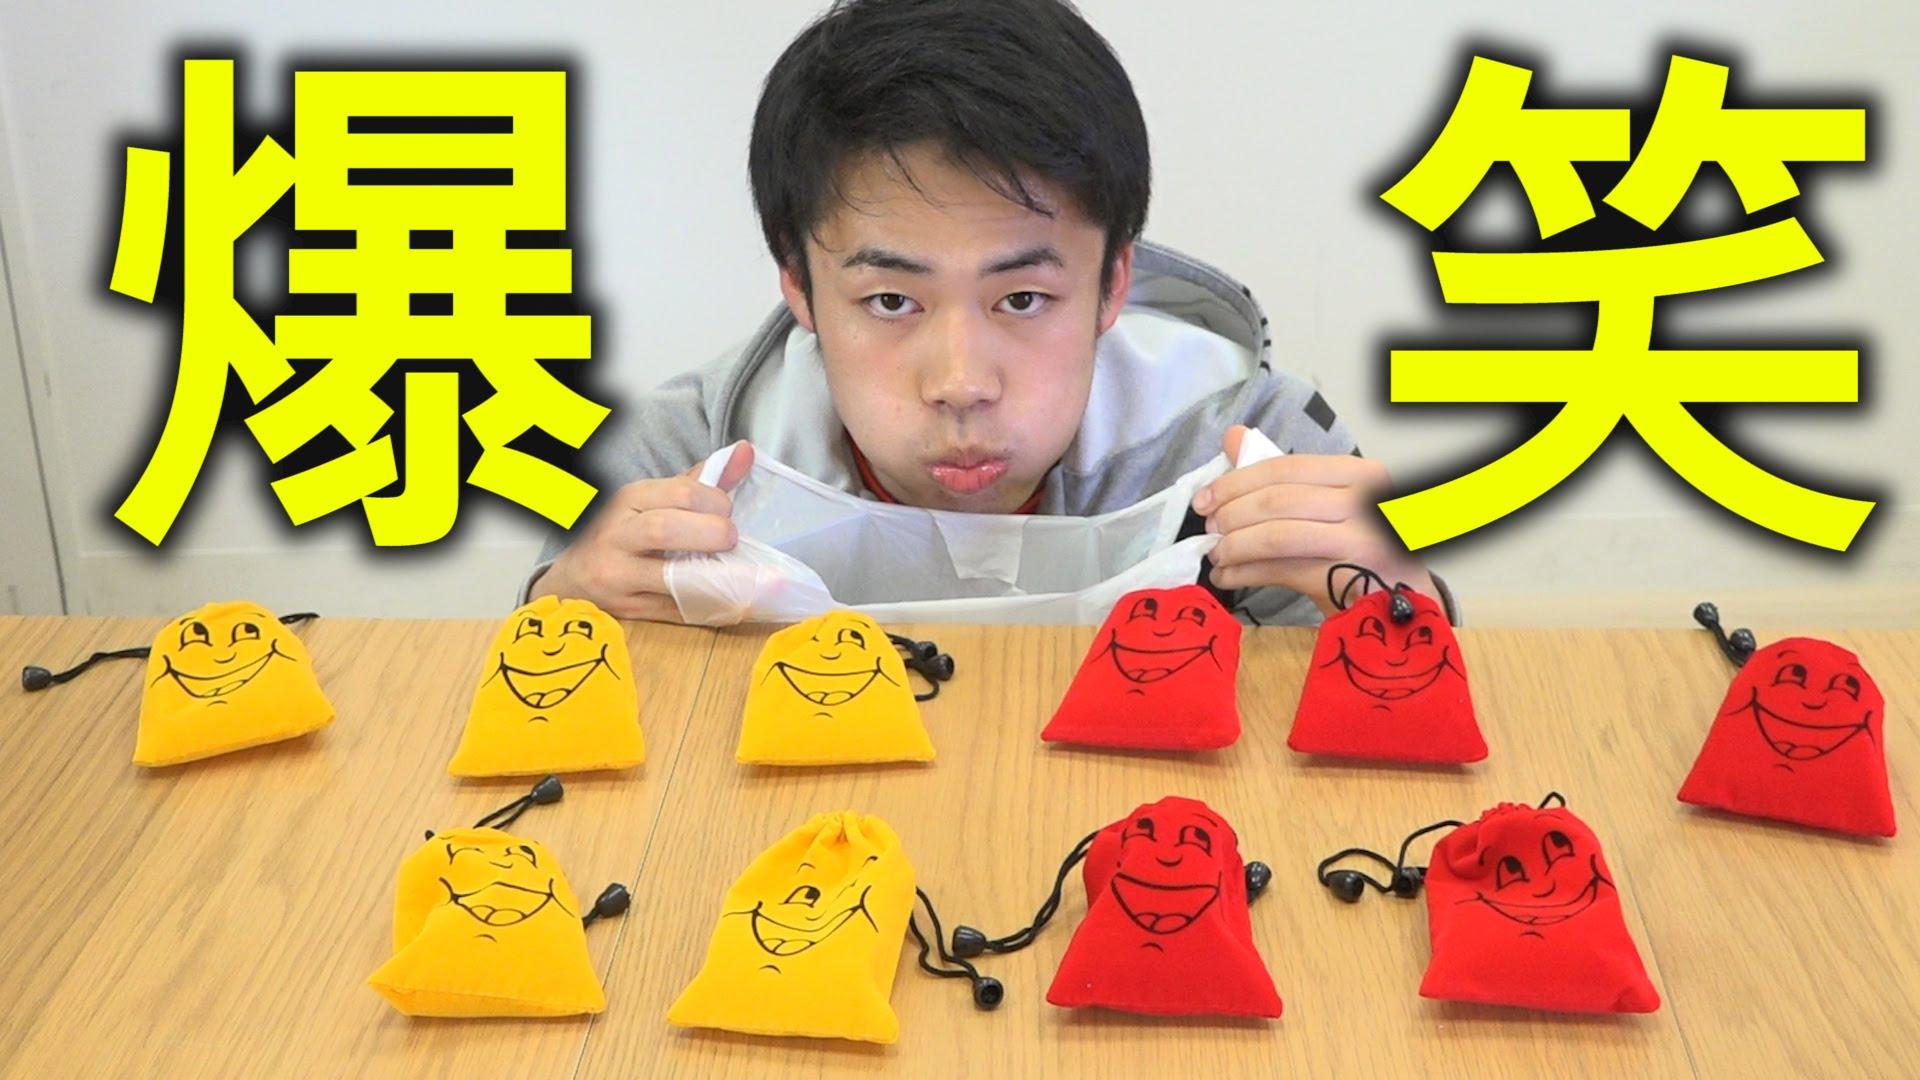 【爆笑】 つられ笑いのプロたちで吹いたら負け!!